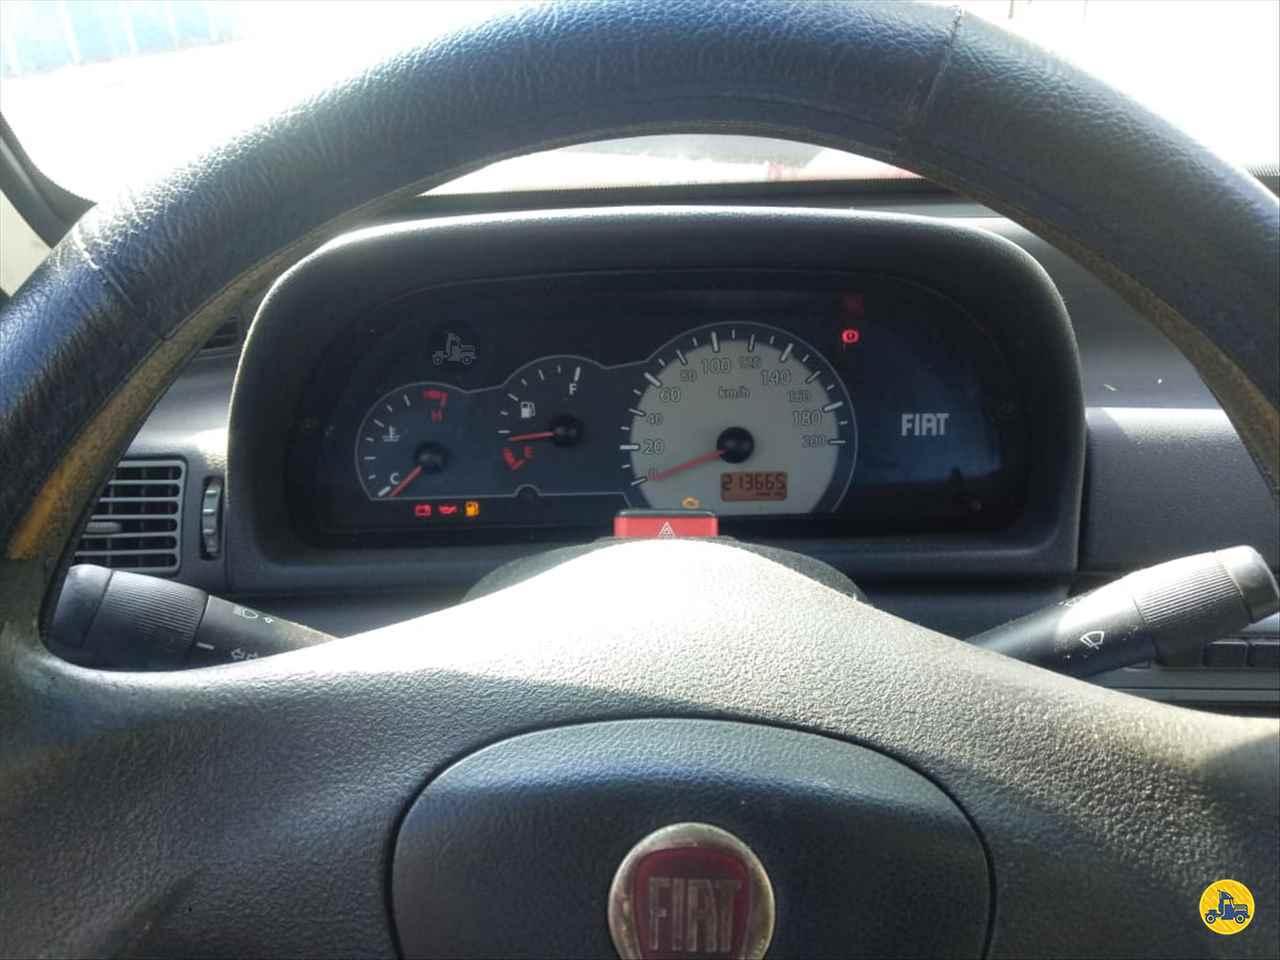 FIAT Fiorino Furgao 1.3 216000km 2009/2010 Wilson Caminhões